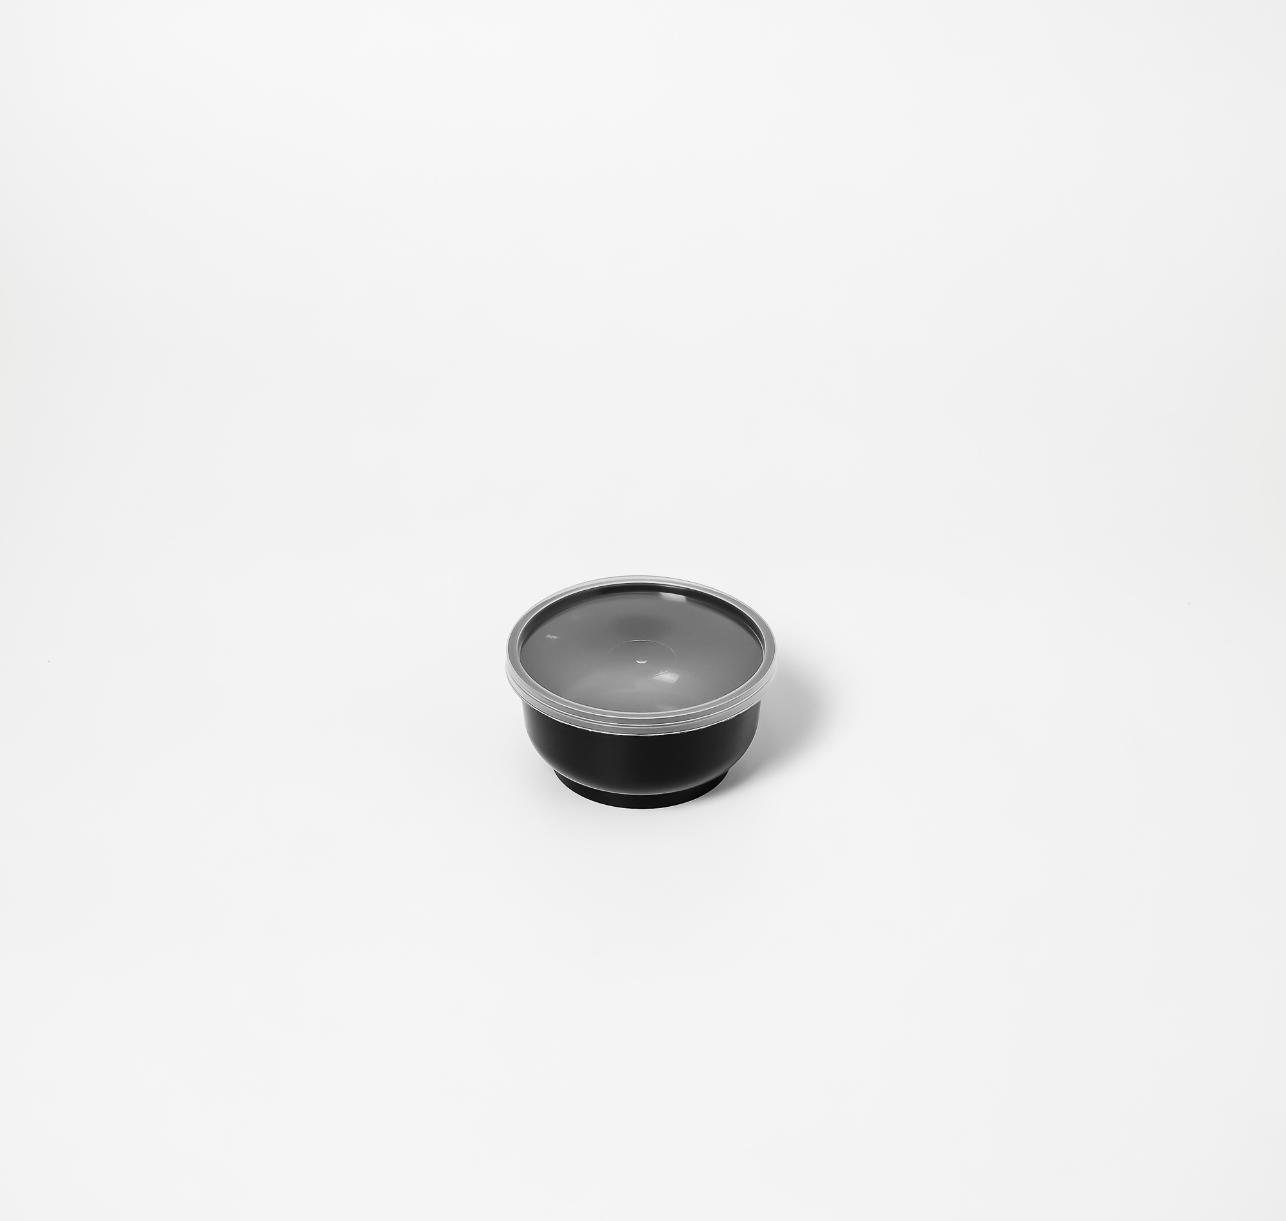 กล่องอาหารพลาสติกกลม premium 7oz